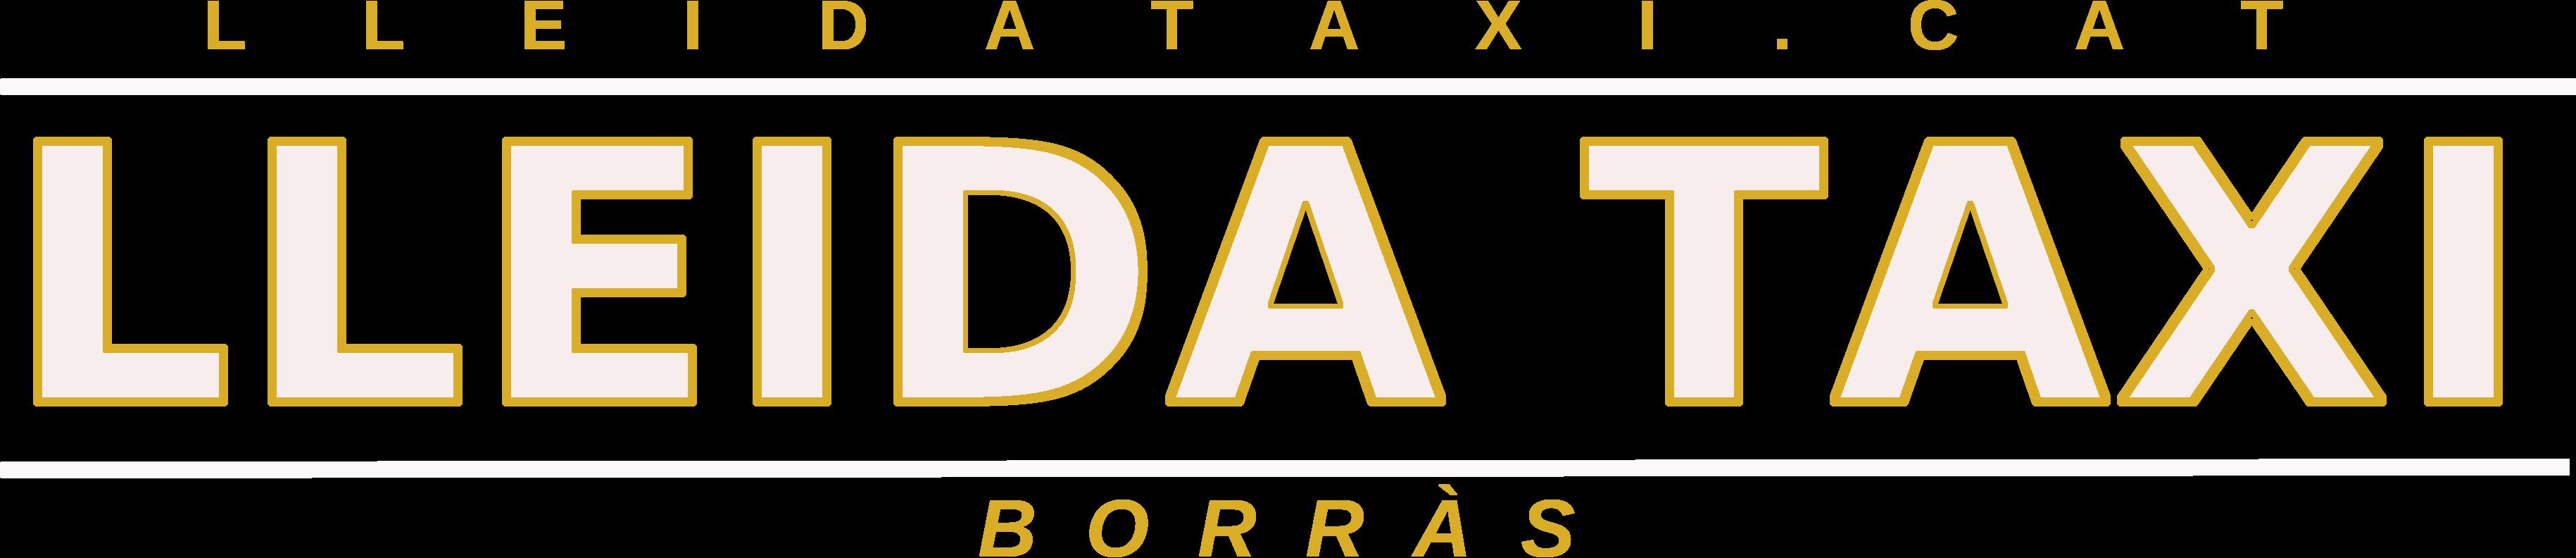 Lleida Taxi